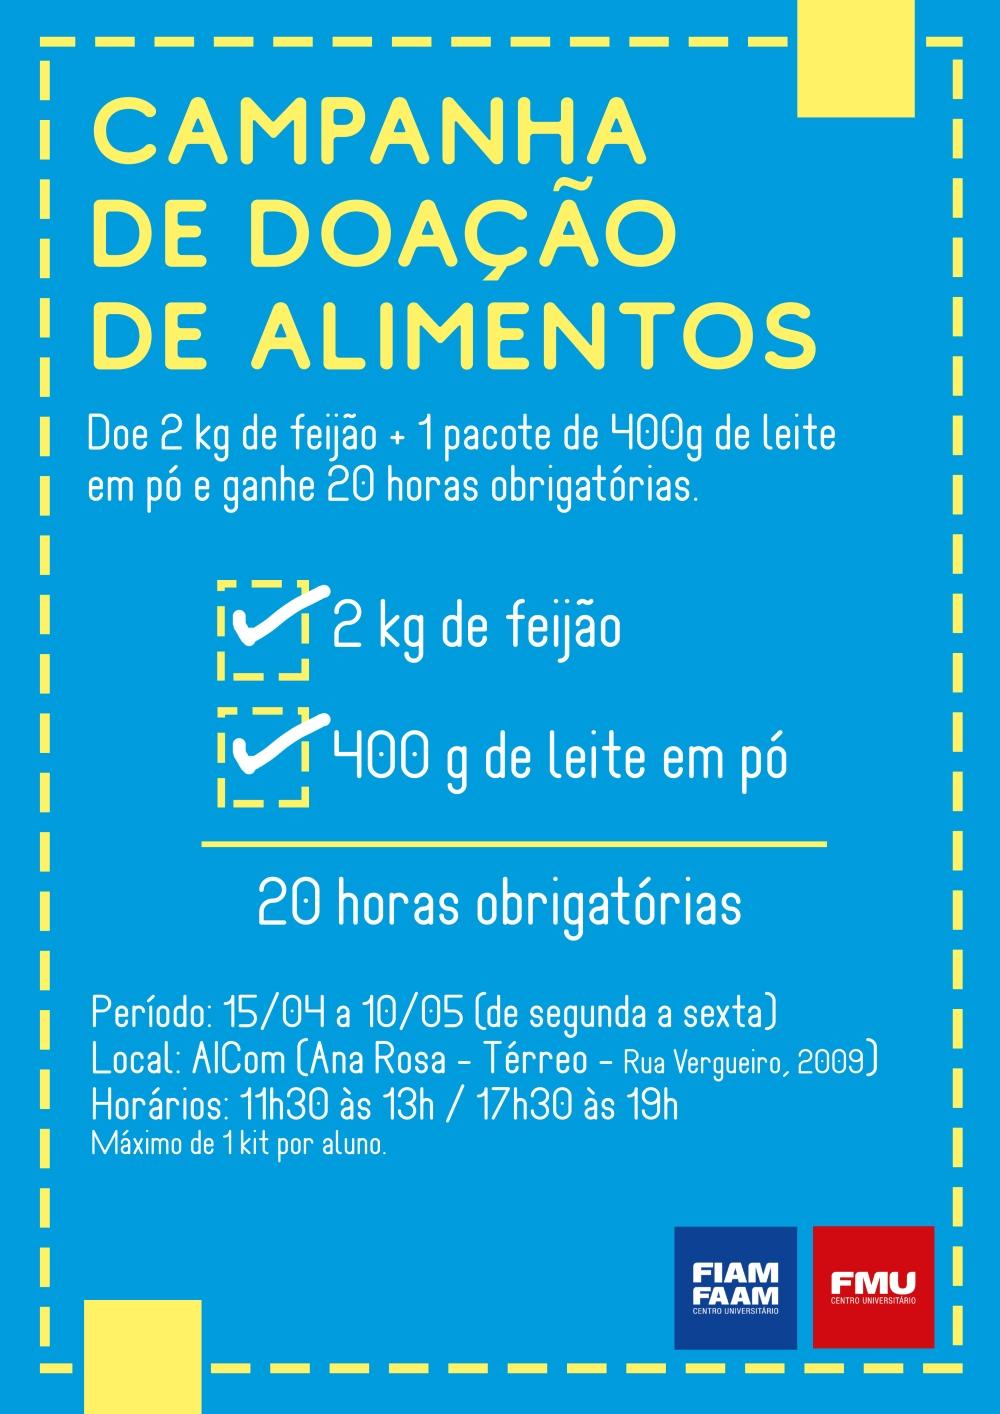 campanha doacao alimentos Ana Rosa